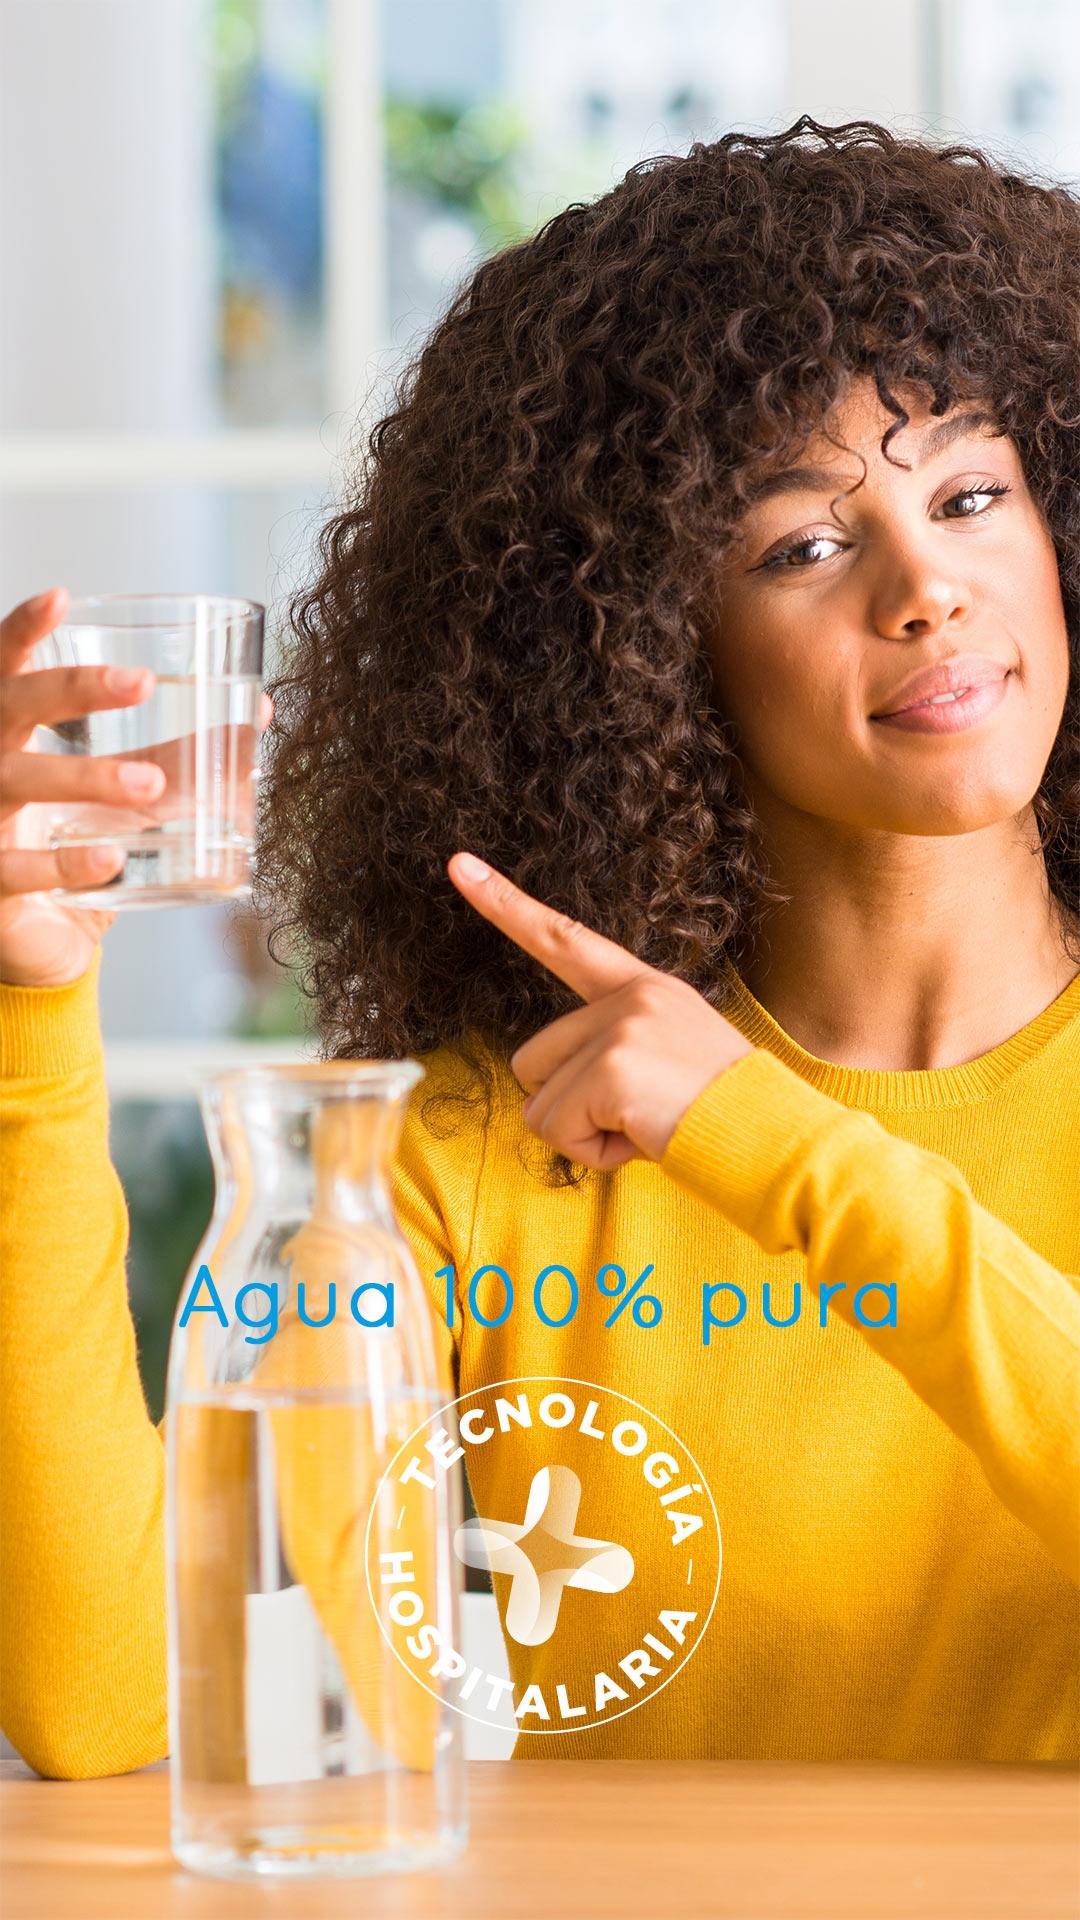 prettywater-filtros-cocina-inicio-movil-slide1-b